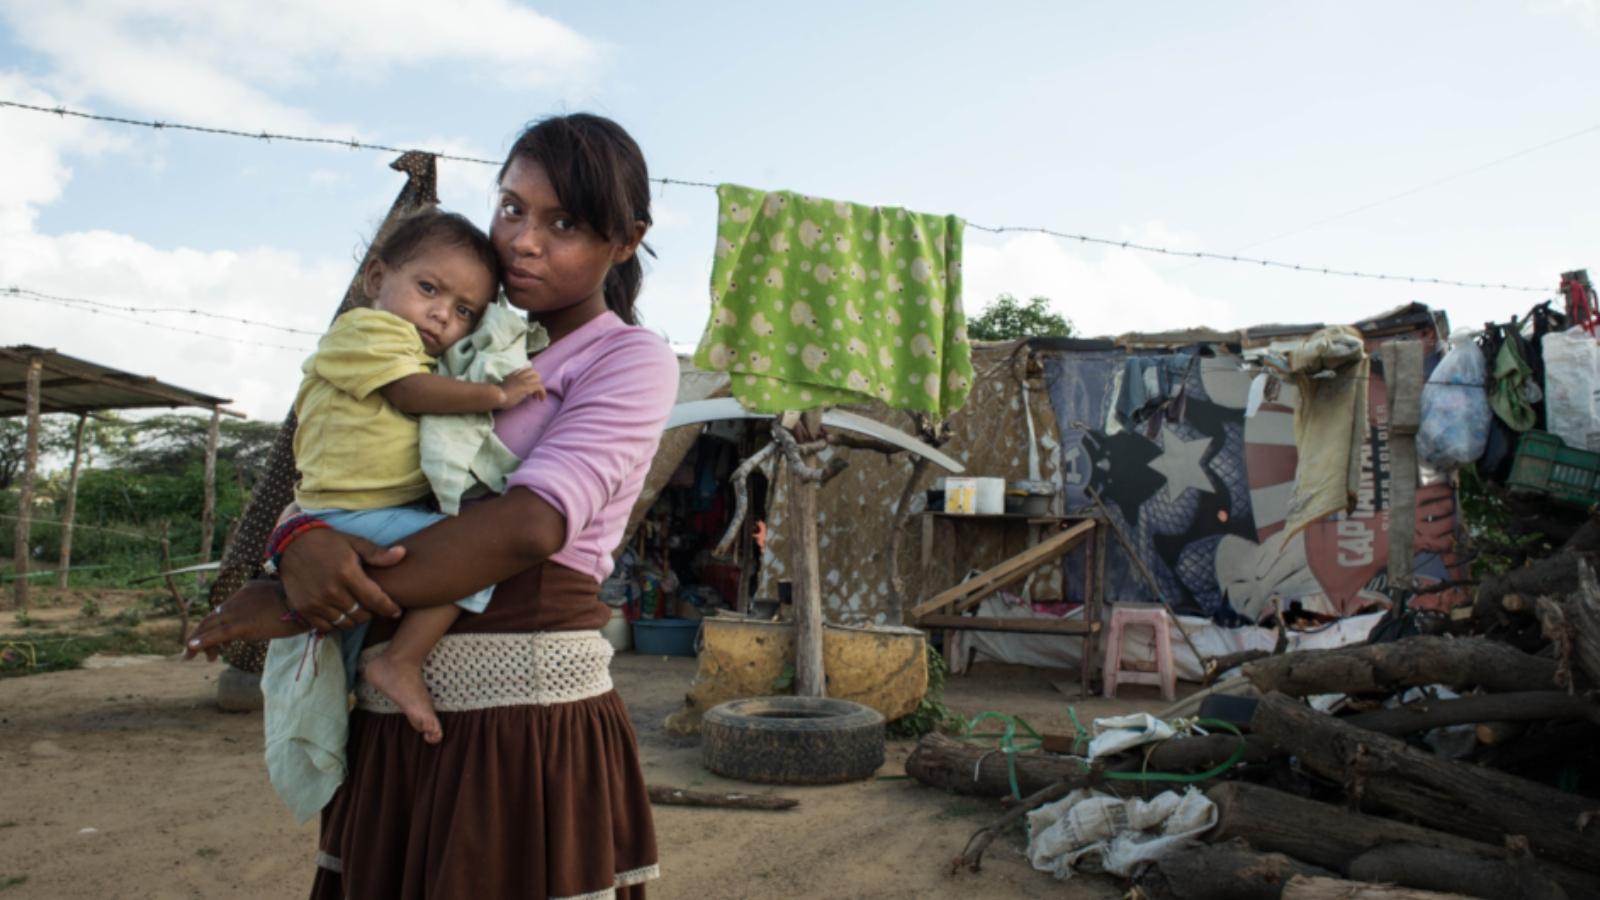 Hijos de venezolanos nacidos en Colombia tienen derecho a servicios de salud